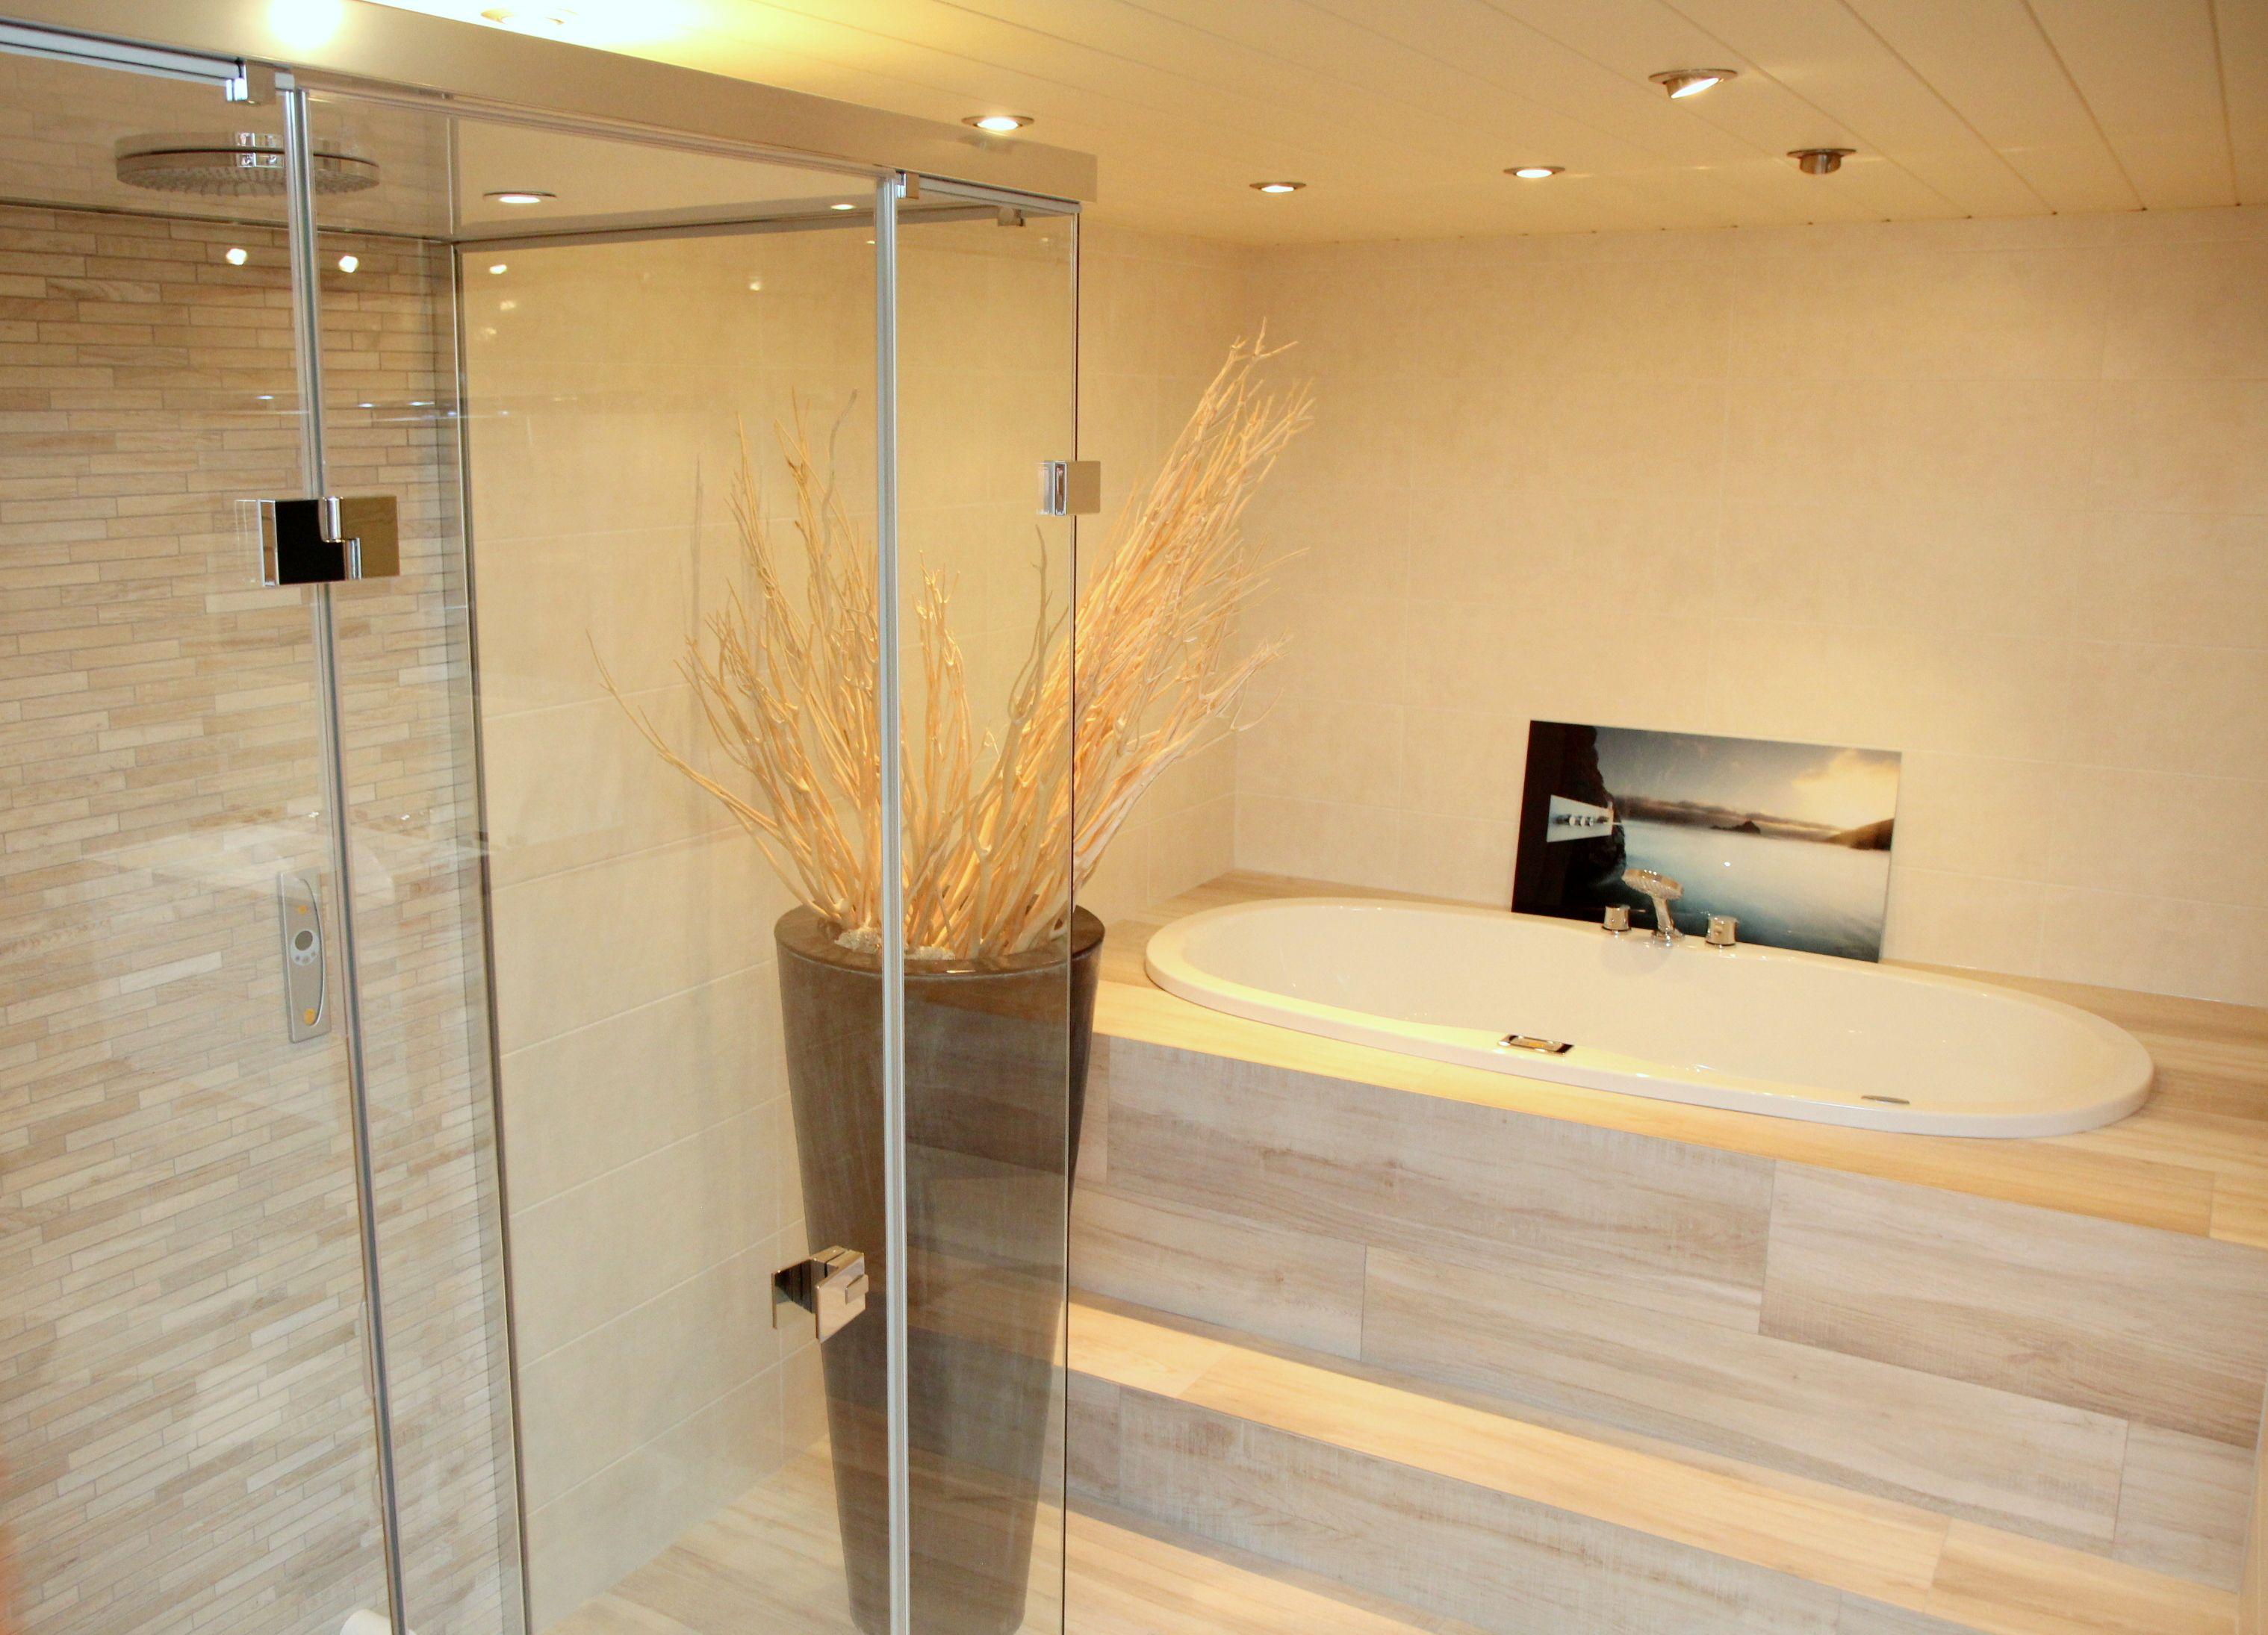 Massief Parket Badkamer : Bubbels jets badkamer met natuurlijke uitstraling keramisch